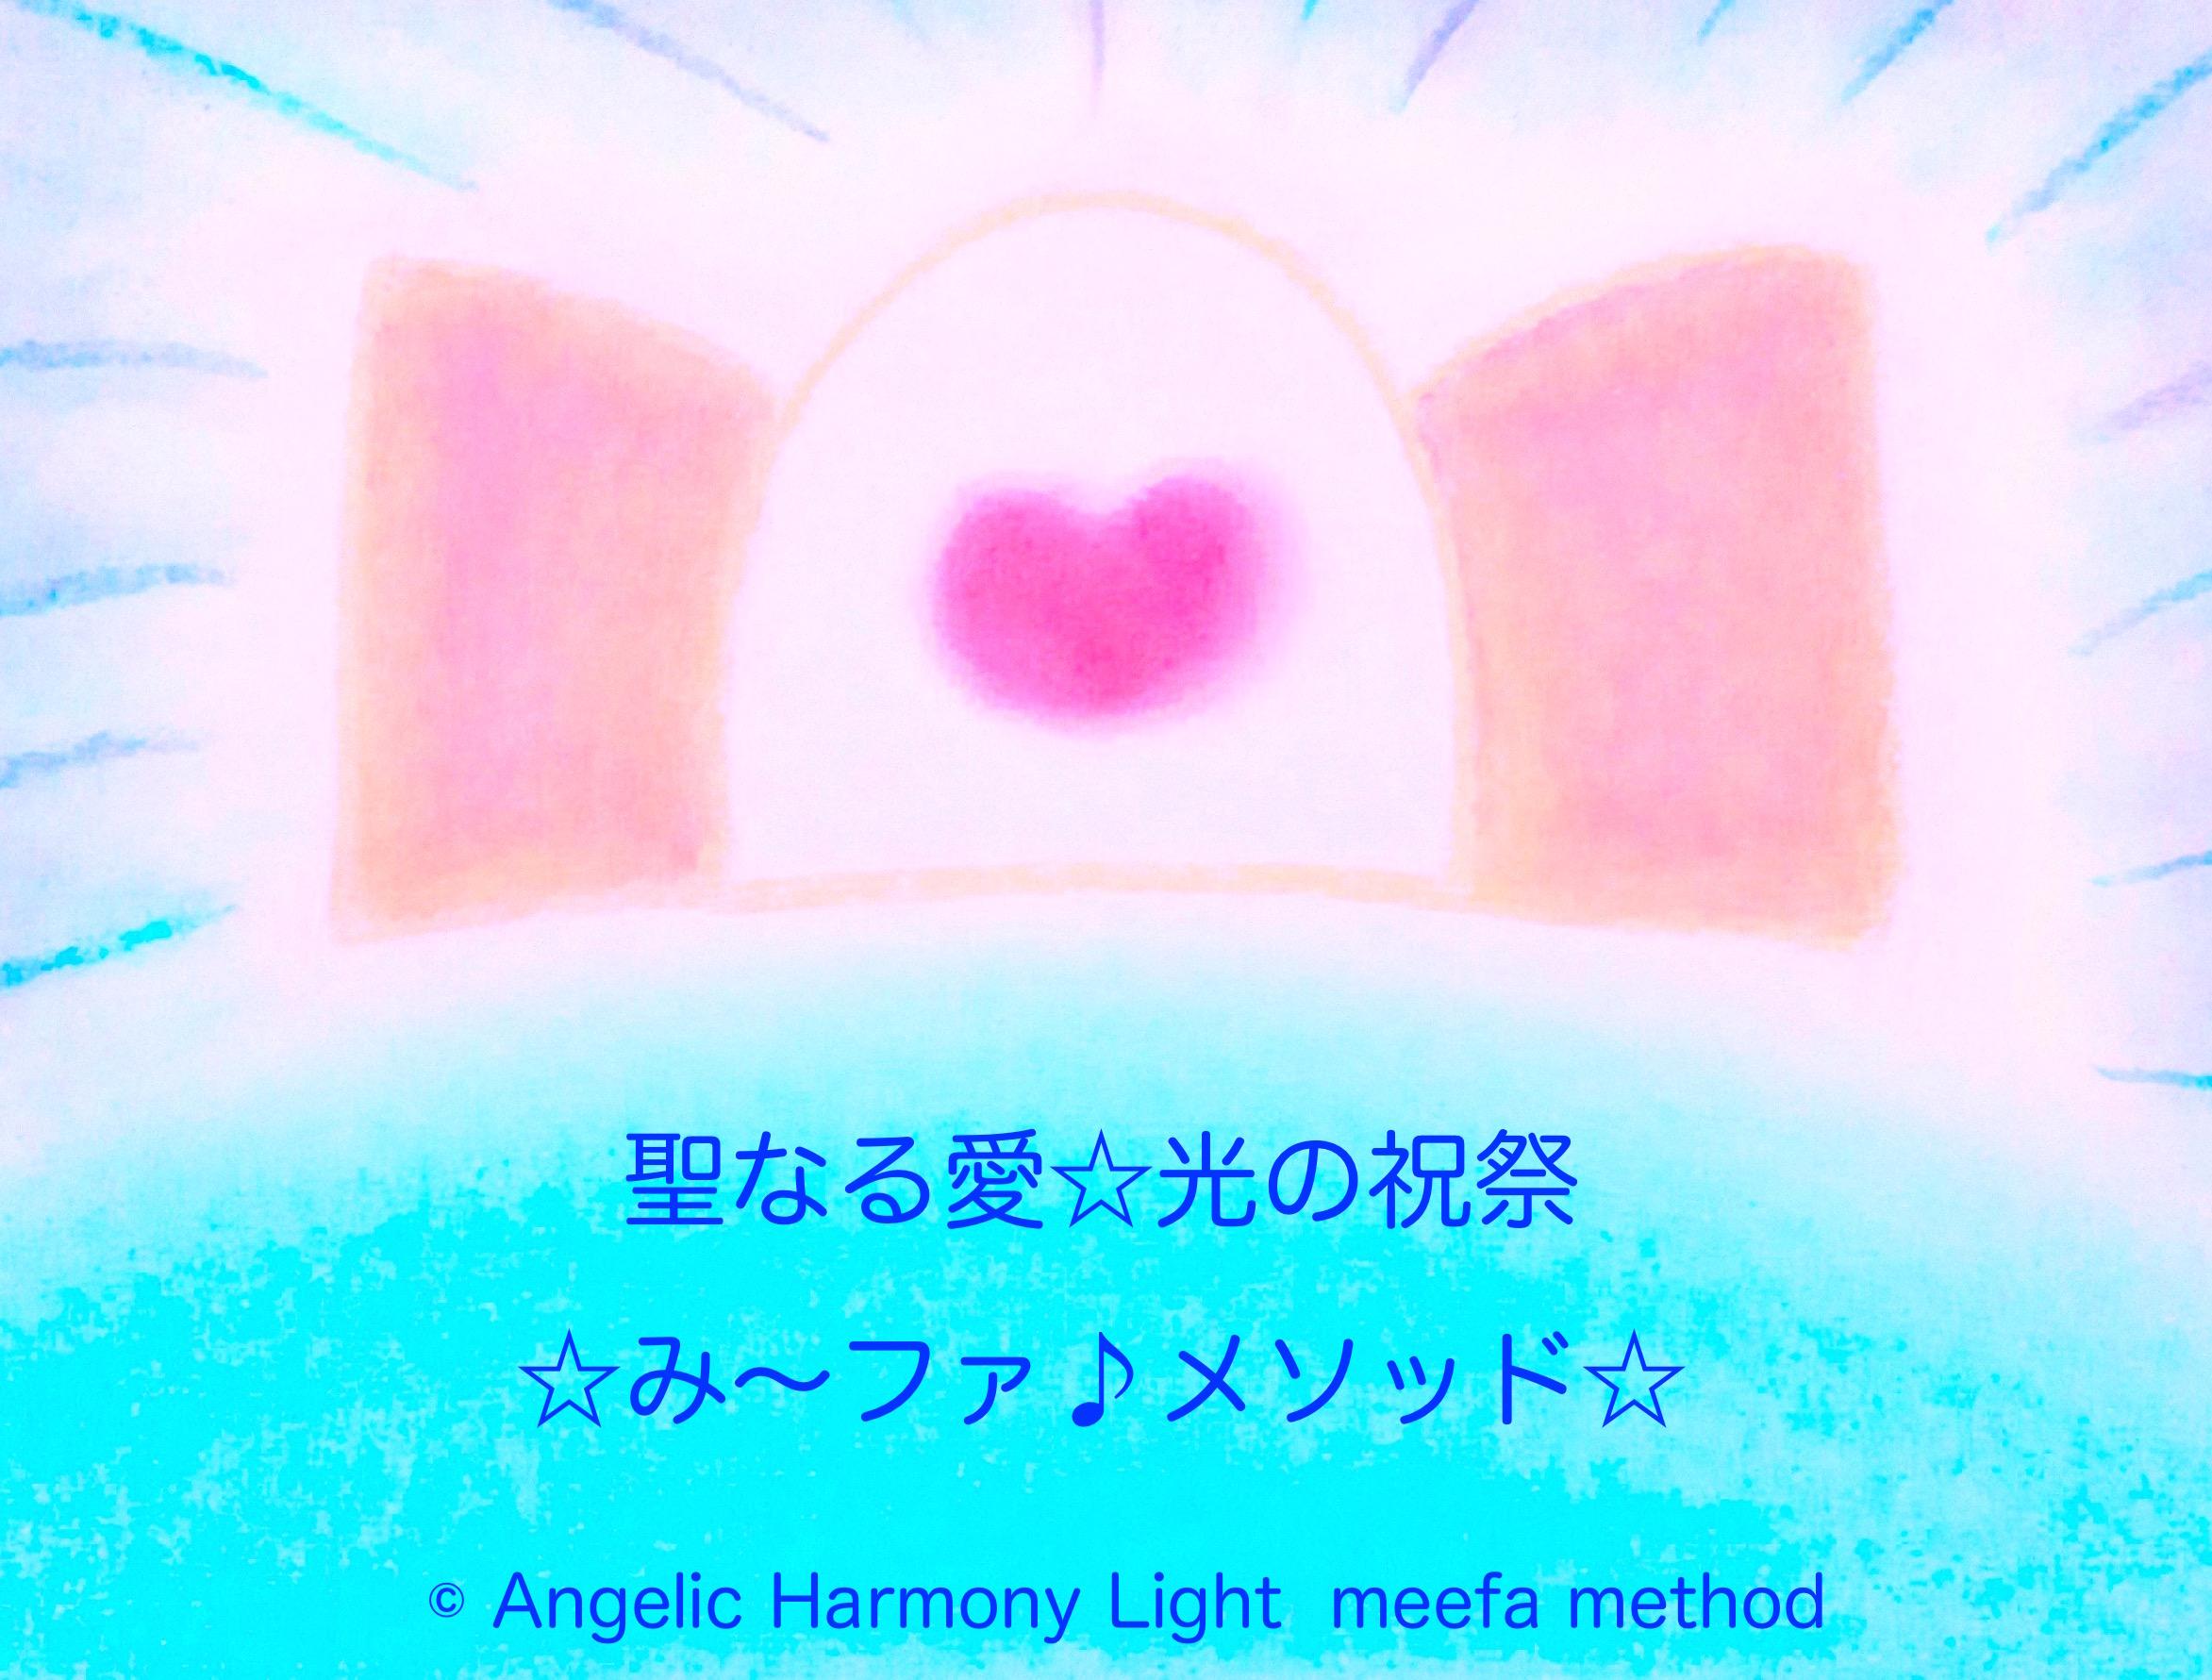 love and light 3993 meefa method 2016